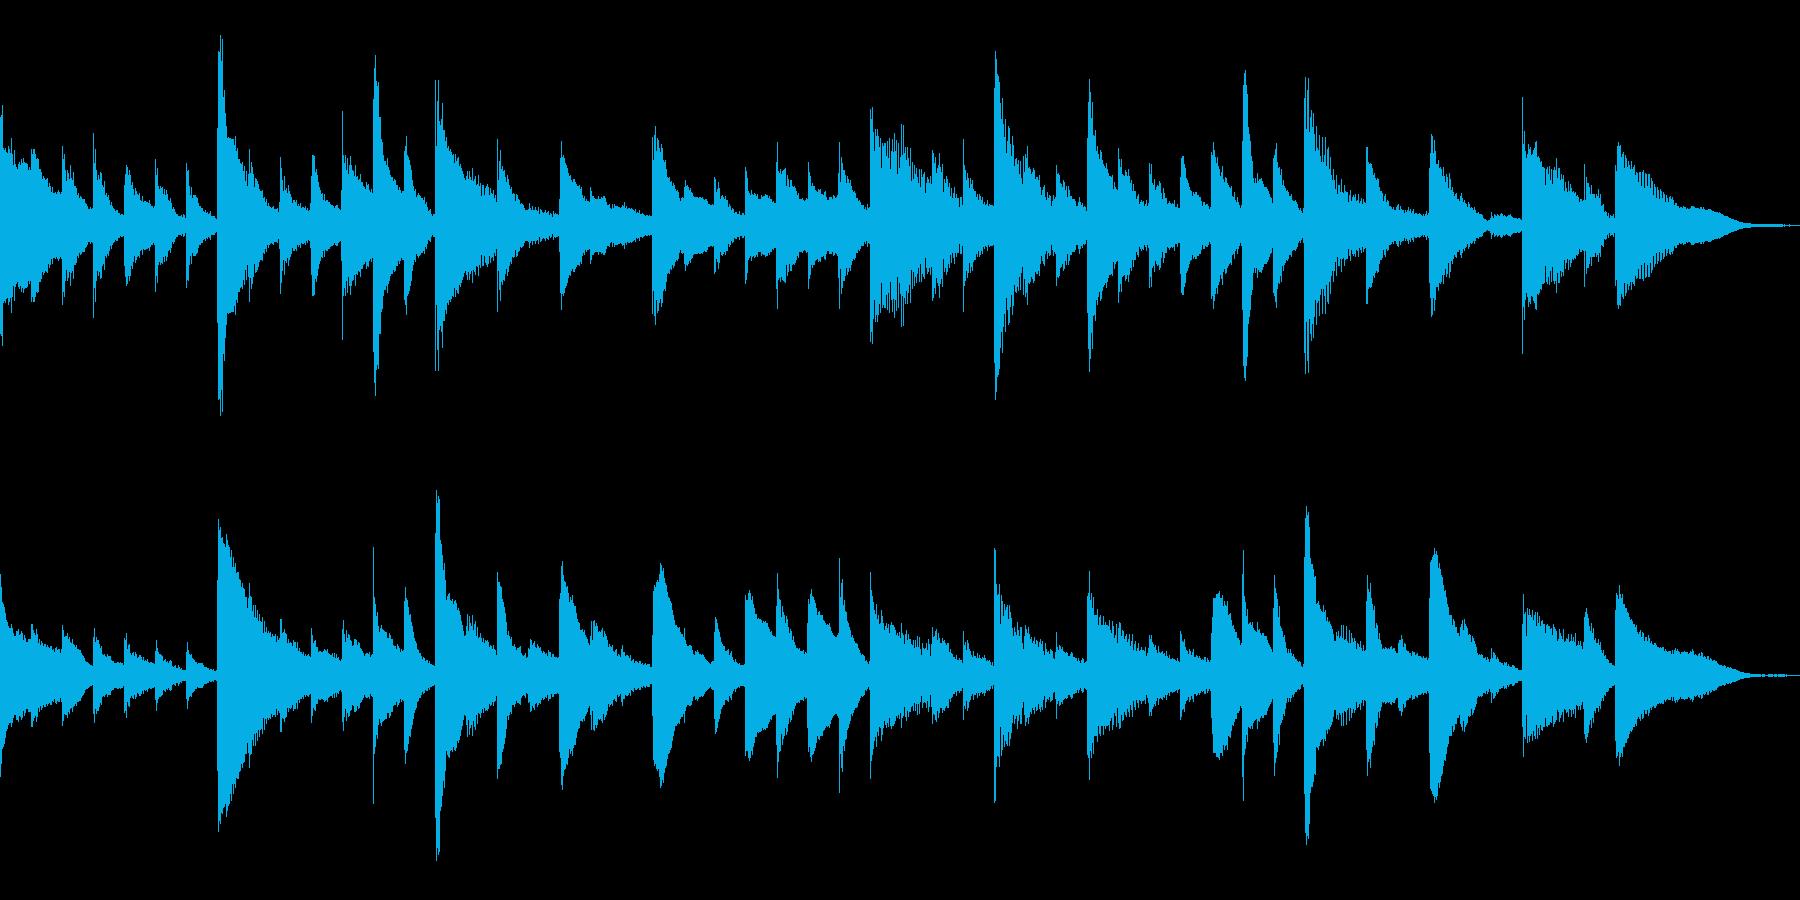 ピアノテイストでキラキラとしたBGMの再生済みの波形